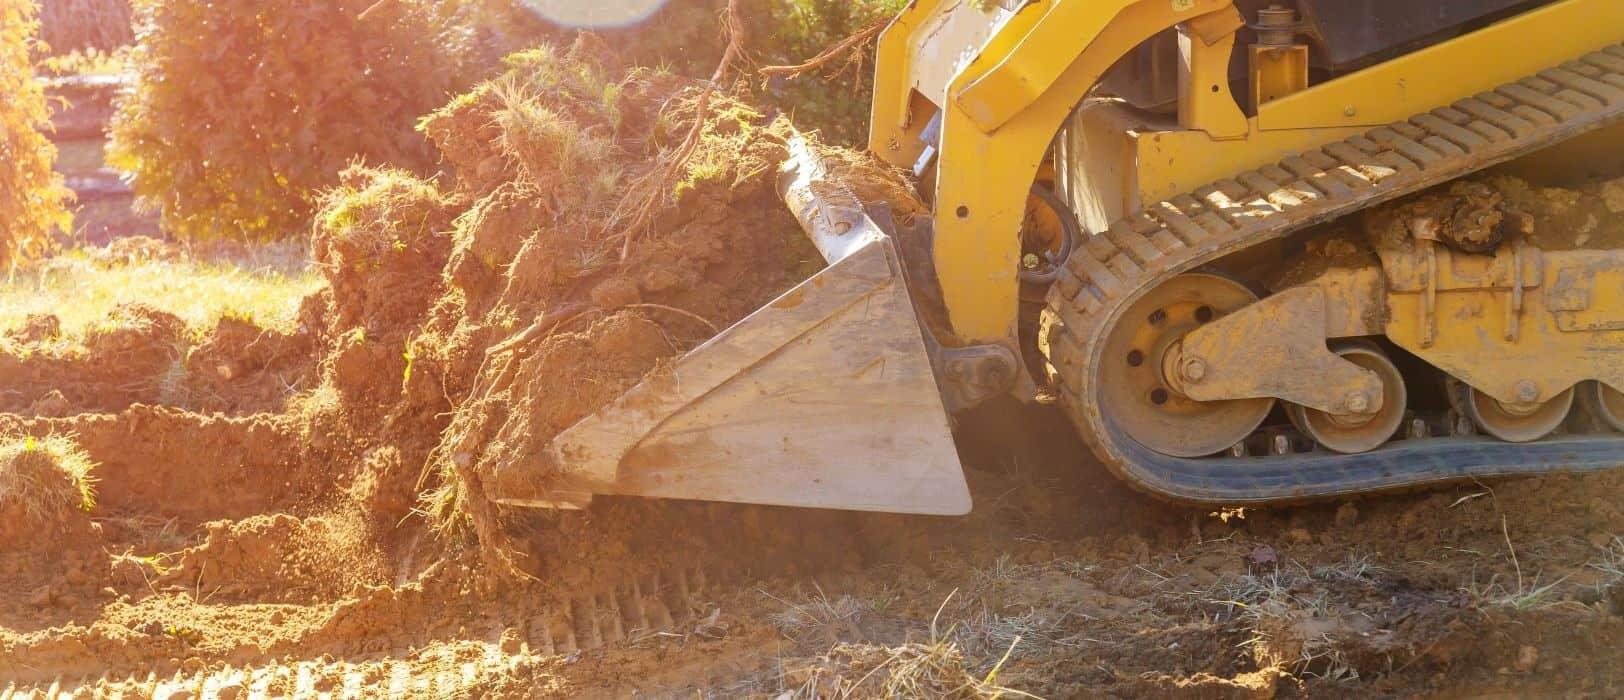 Retroescavadora a preparar o terreno para construção de casa